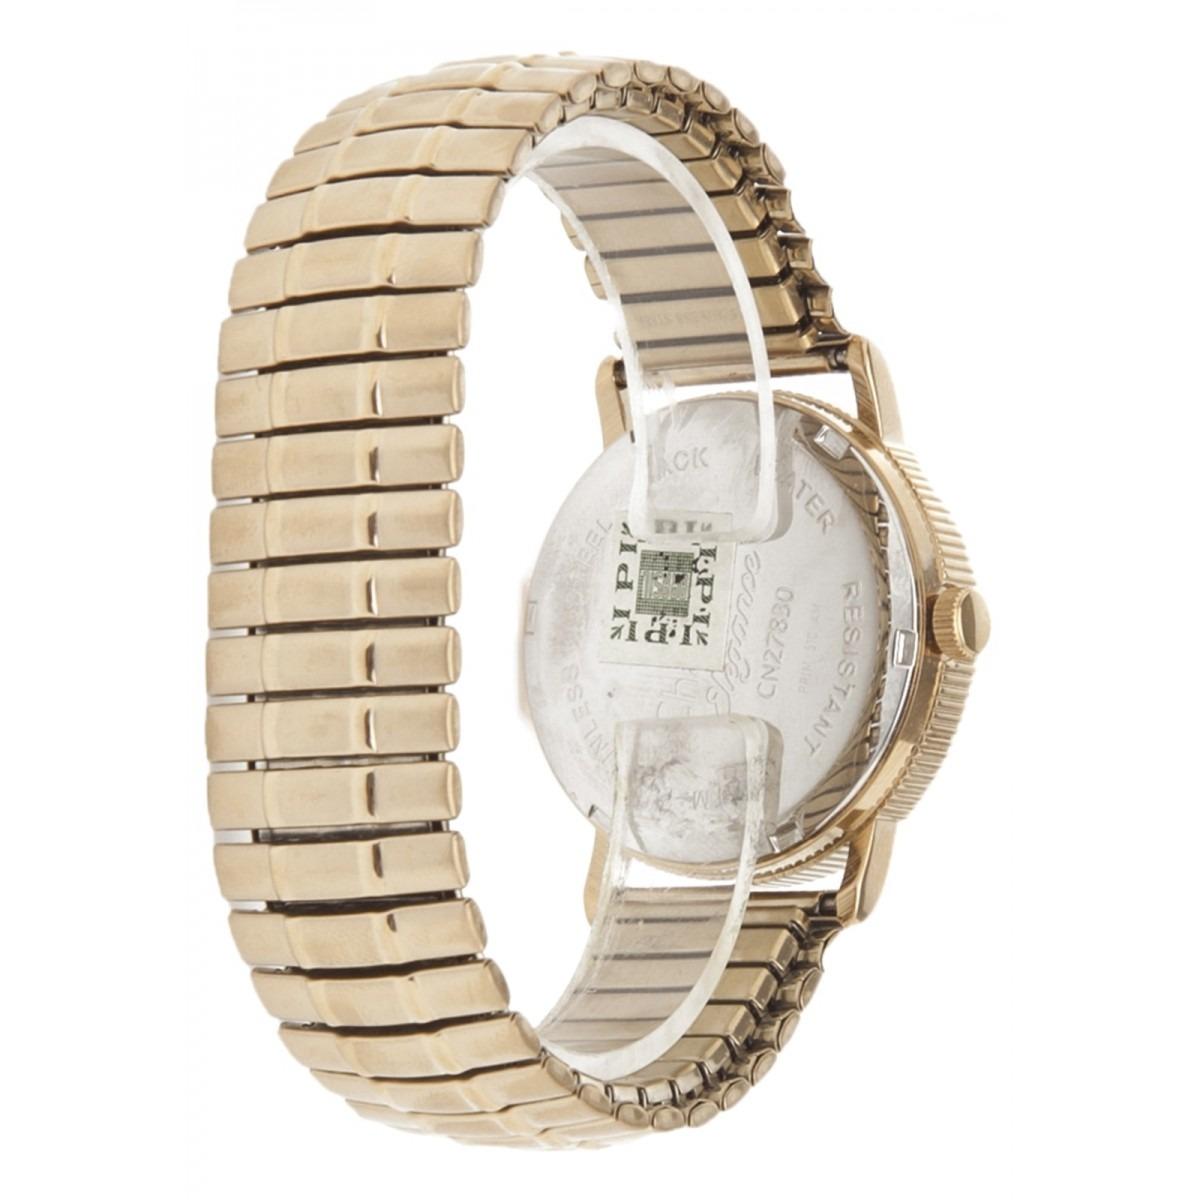 e0c40d3c26d Relógio Champion Dourado Pulseira Elastica Cn27830w + Brinde - R ...